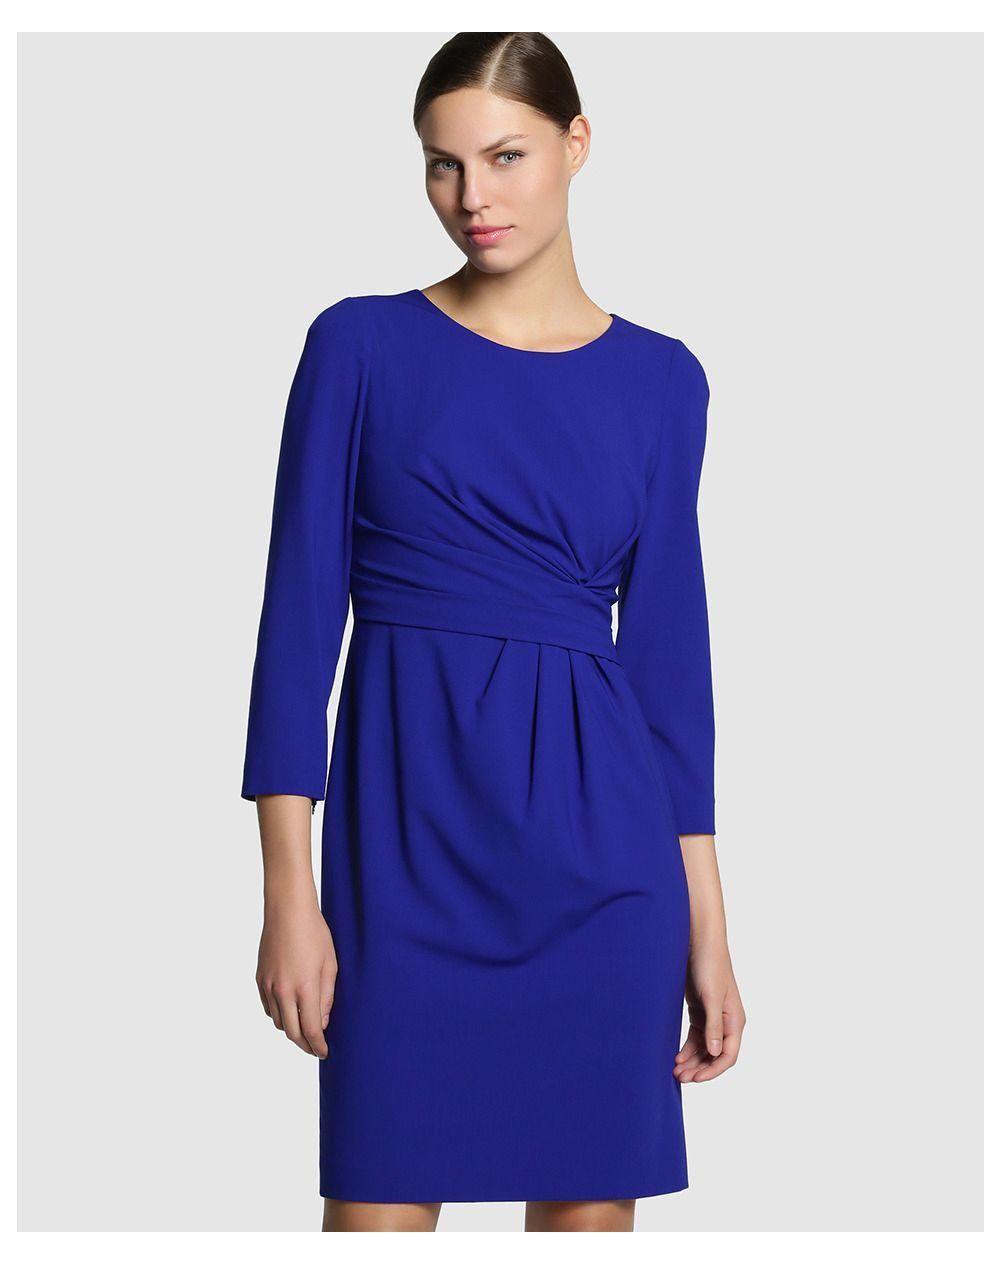 Vestidos de fiesta en azul para ocasiones especiales   Moda